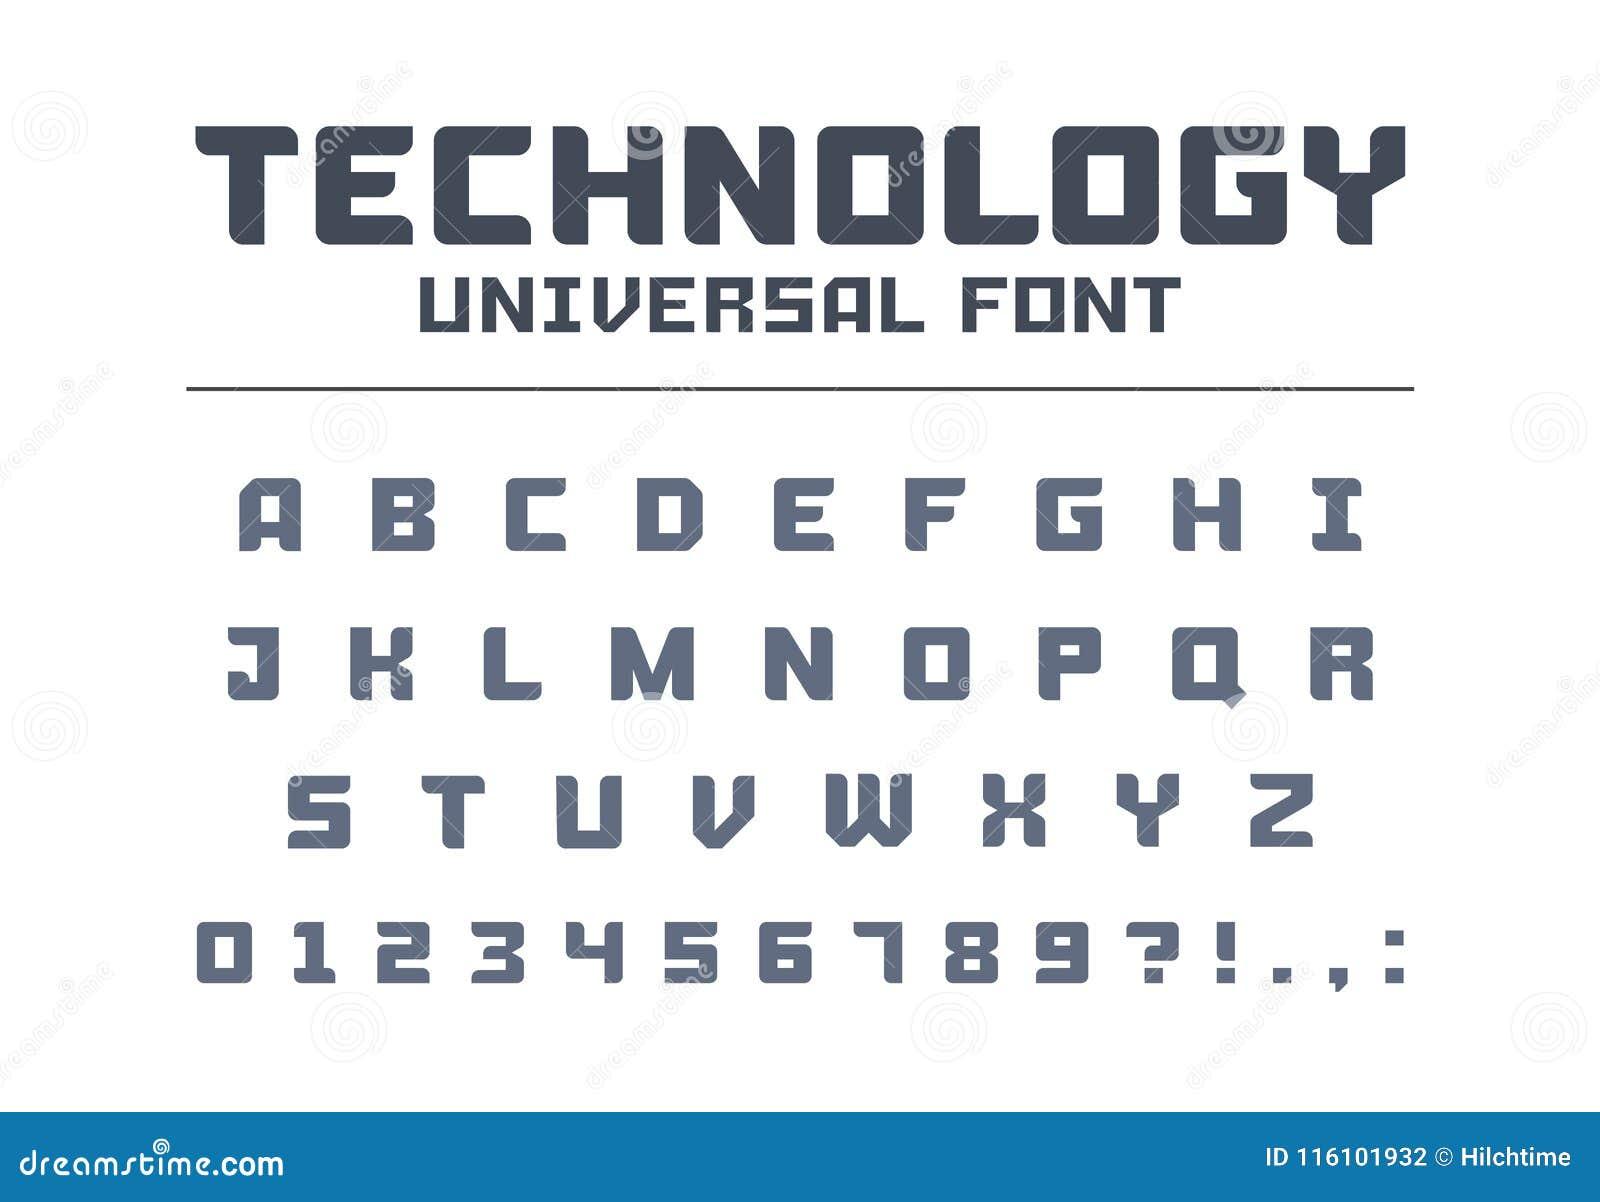 För affischstilsort för teknologi universell typ Starkt konstruktion, teknik, technoalfabet